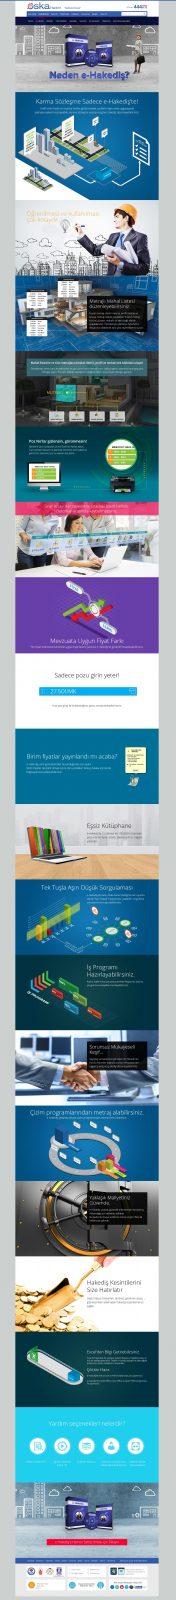 oska yazılım web sitesi tasarımı 05